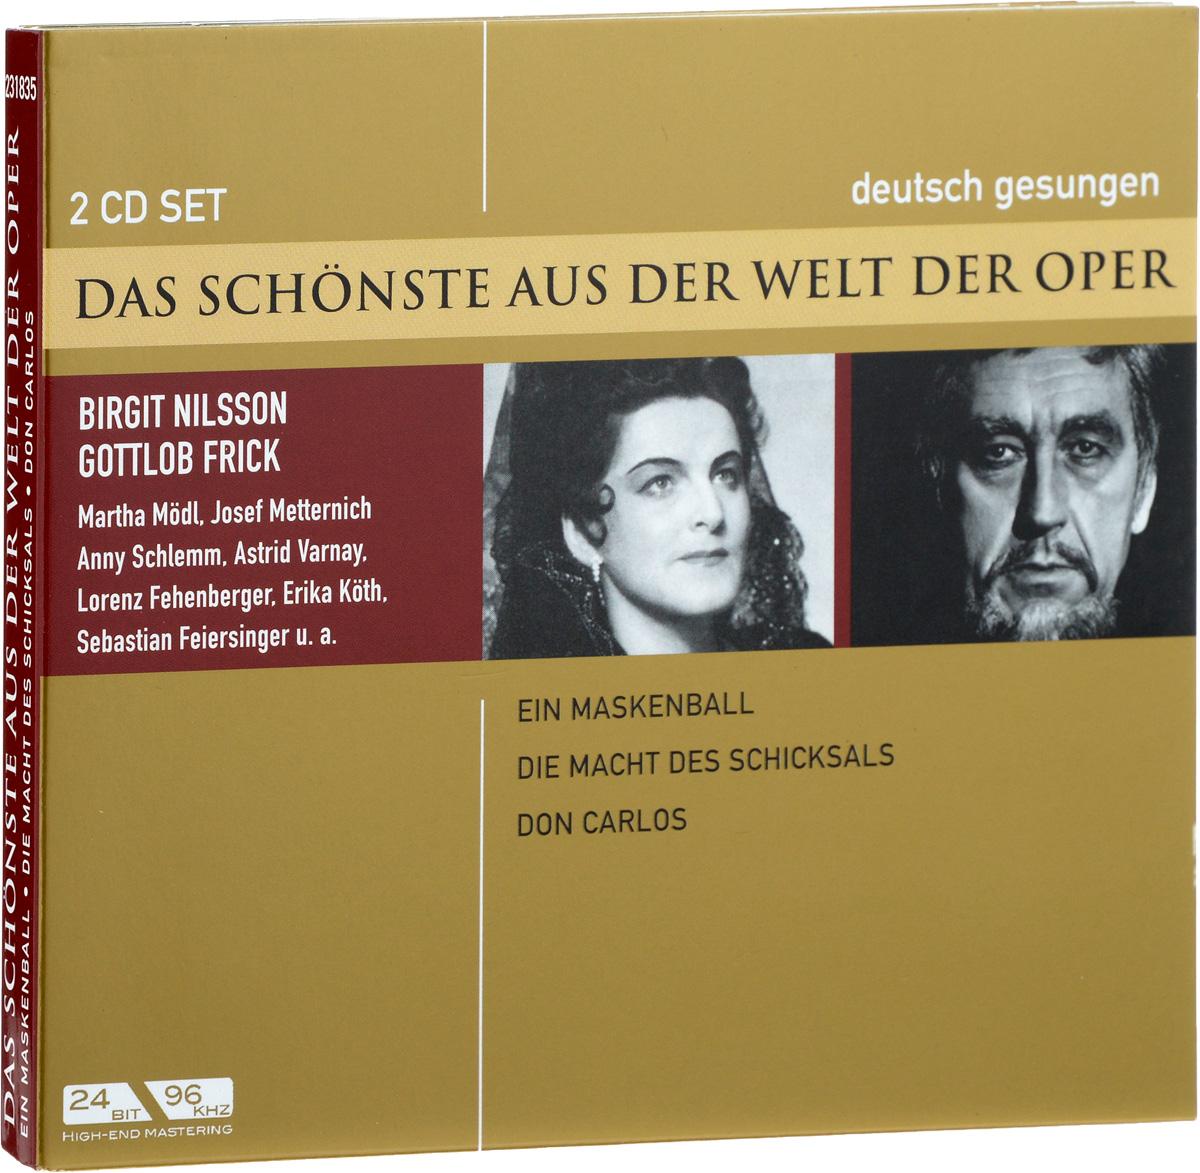 Бирджит Нильссон,Готлоб Фрикк Das Schonste Aus Der Welt Der Oper. Nilsson / Frick. Ein Maskenball / Don Carlos (2 CD) бирджит нильссон birgit nilsson la nilsson 79 cd 2 dvd